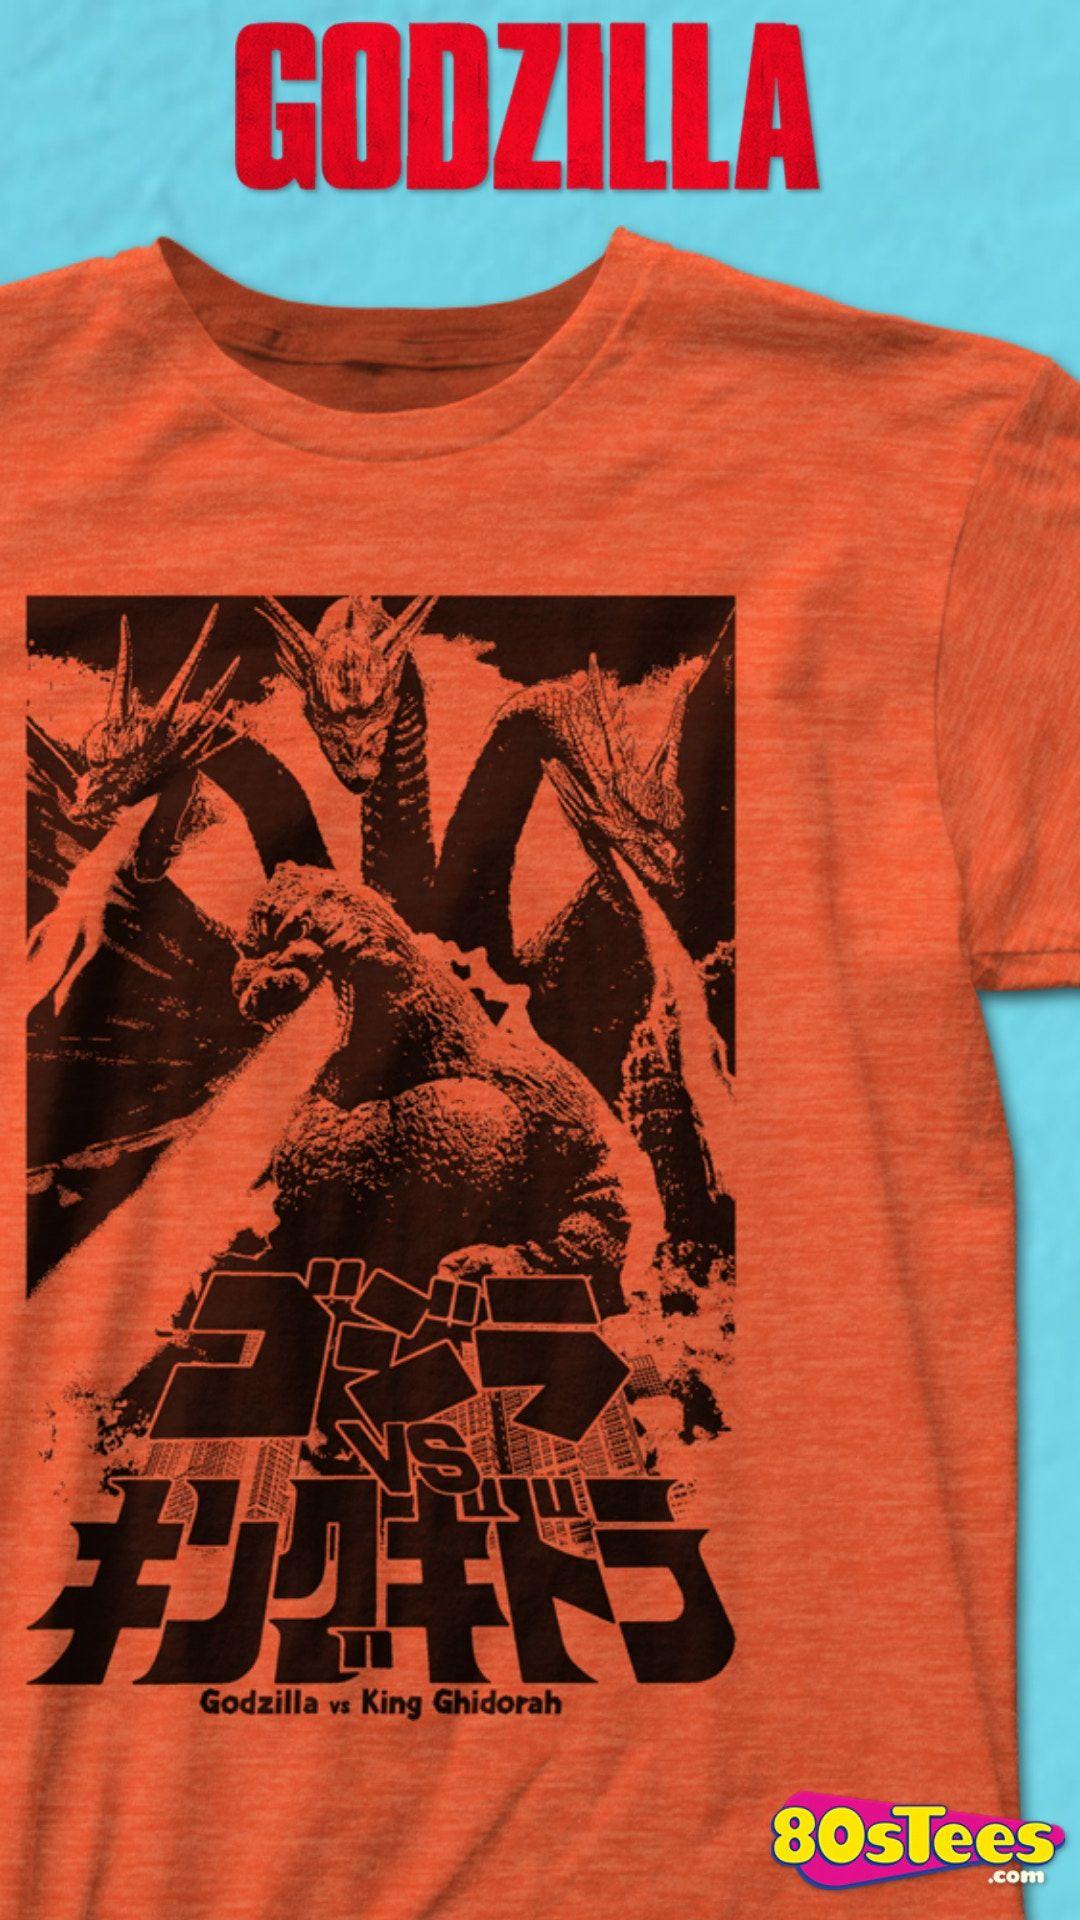 Godzilla Vs King Ghidorah T Shirt Godzilla Mens T Shirt Godzilla Vs King Ghidorah Godzilla Vs T Shirt